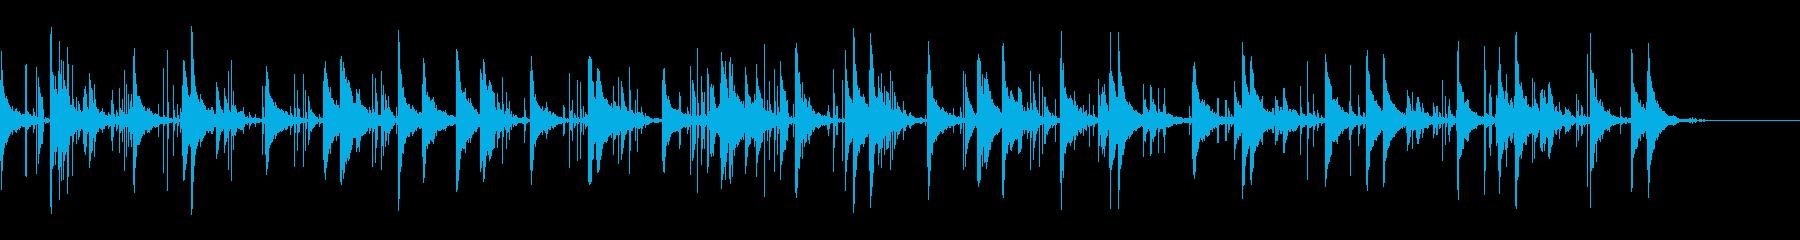 KANT静かで 無機質・科学的BGMの再生済みの波形